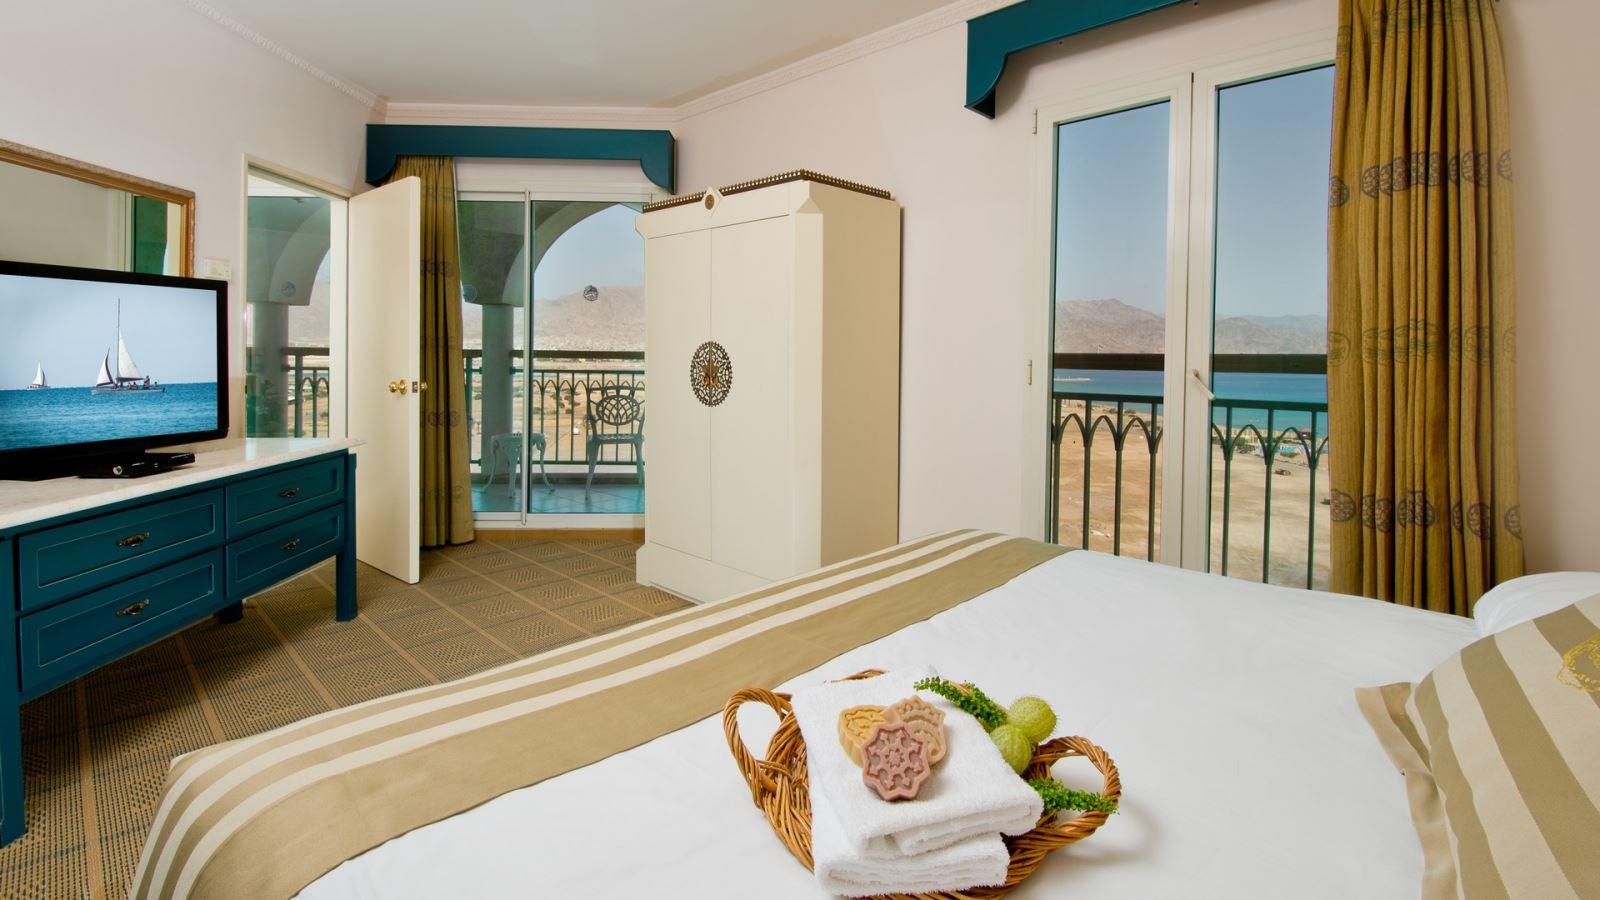 מזמינים חופשה ומתפנקים במלון הרודס בוטיק  ב-50% הנחה !